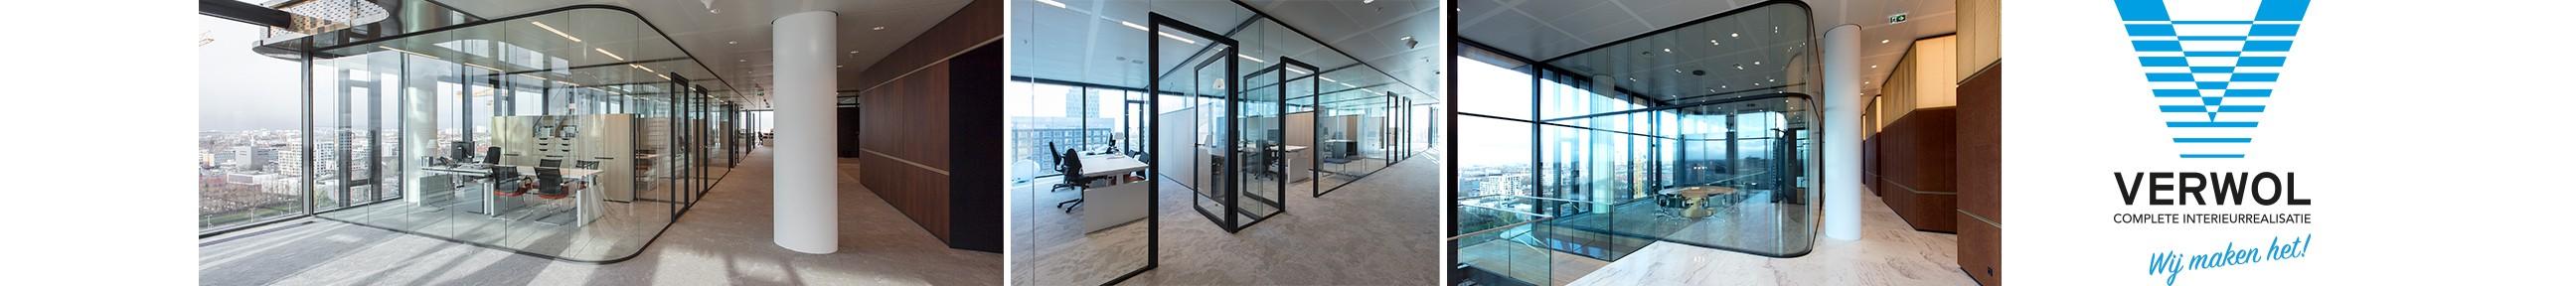 De Groot Interieur Realisatie.Verwol Complete Interieur Realisatie Linkedin